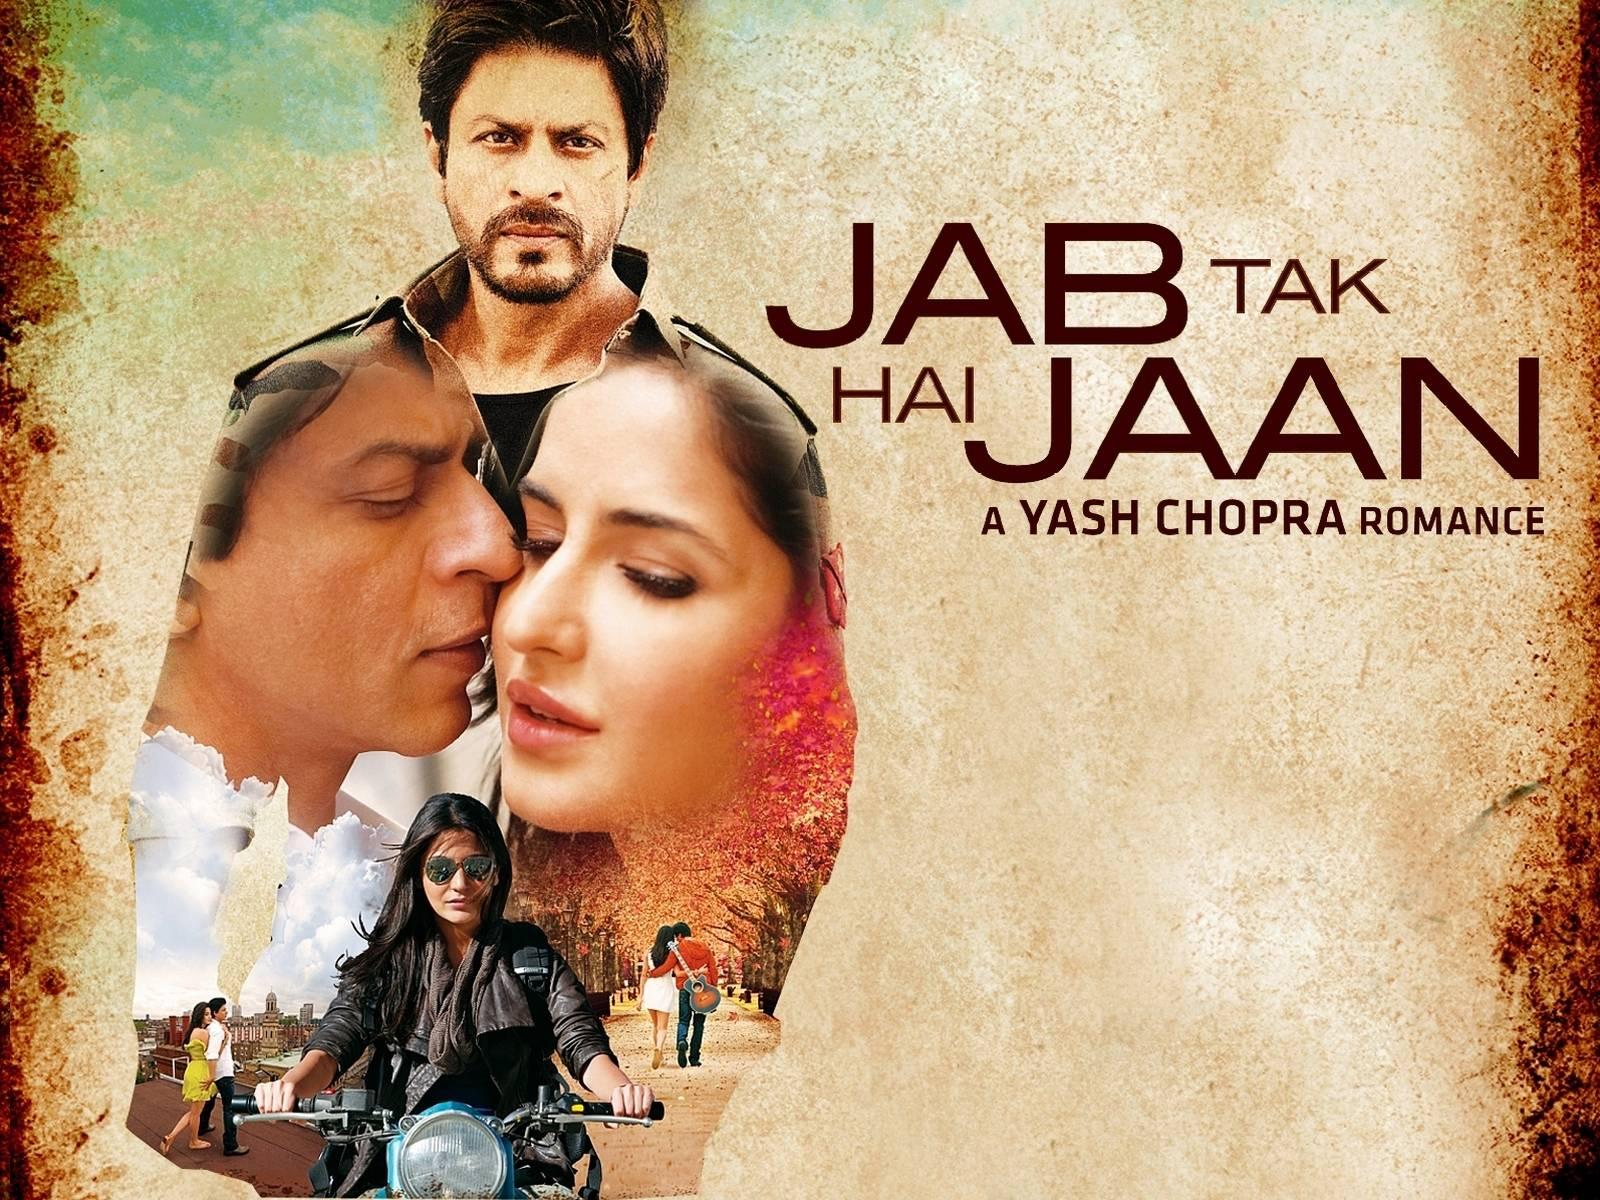 Jab-Tak-Hai-Jaan-poster-photo | MEDHA4U.COM